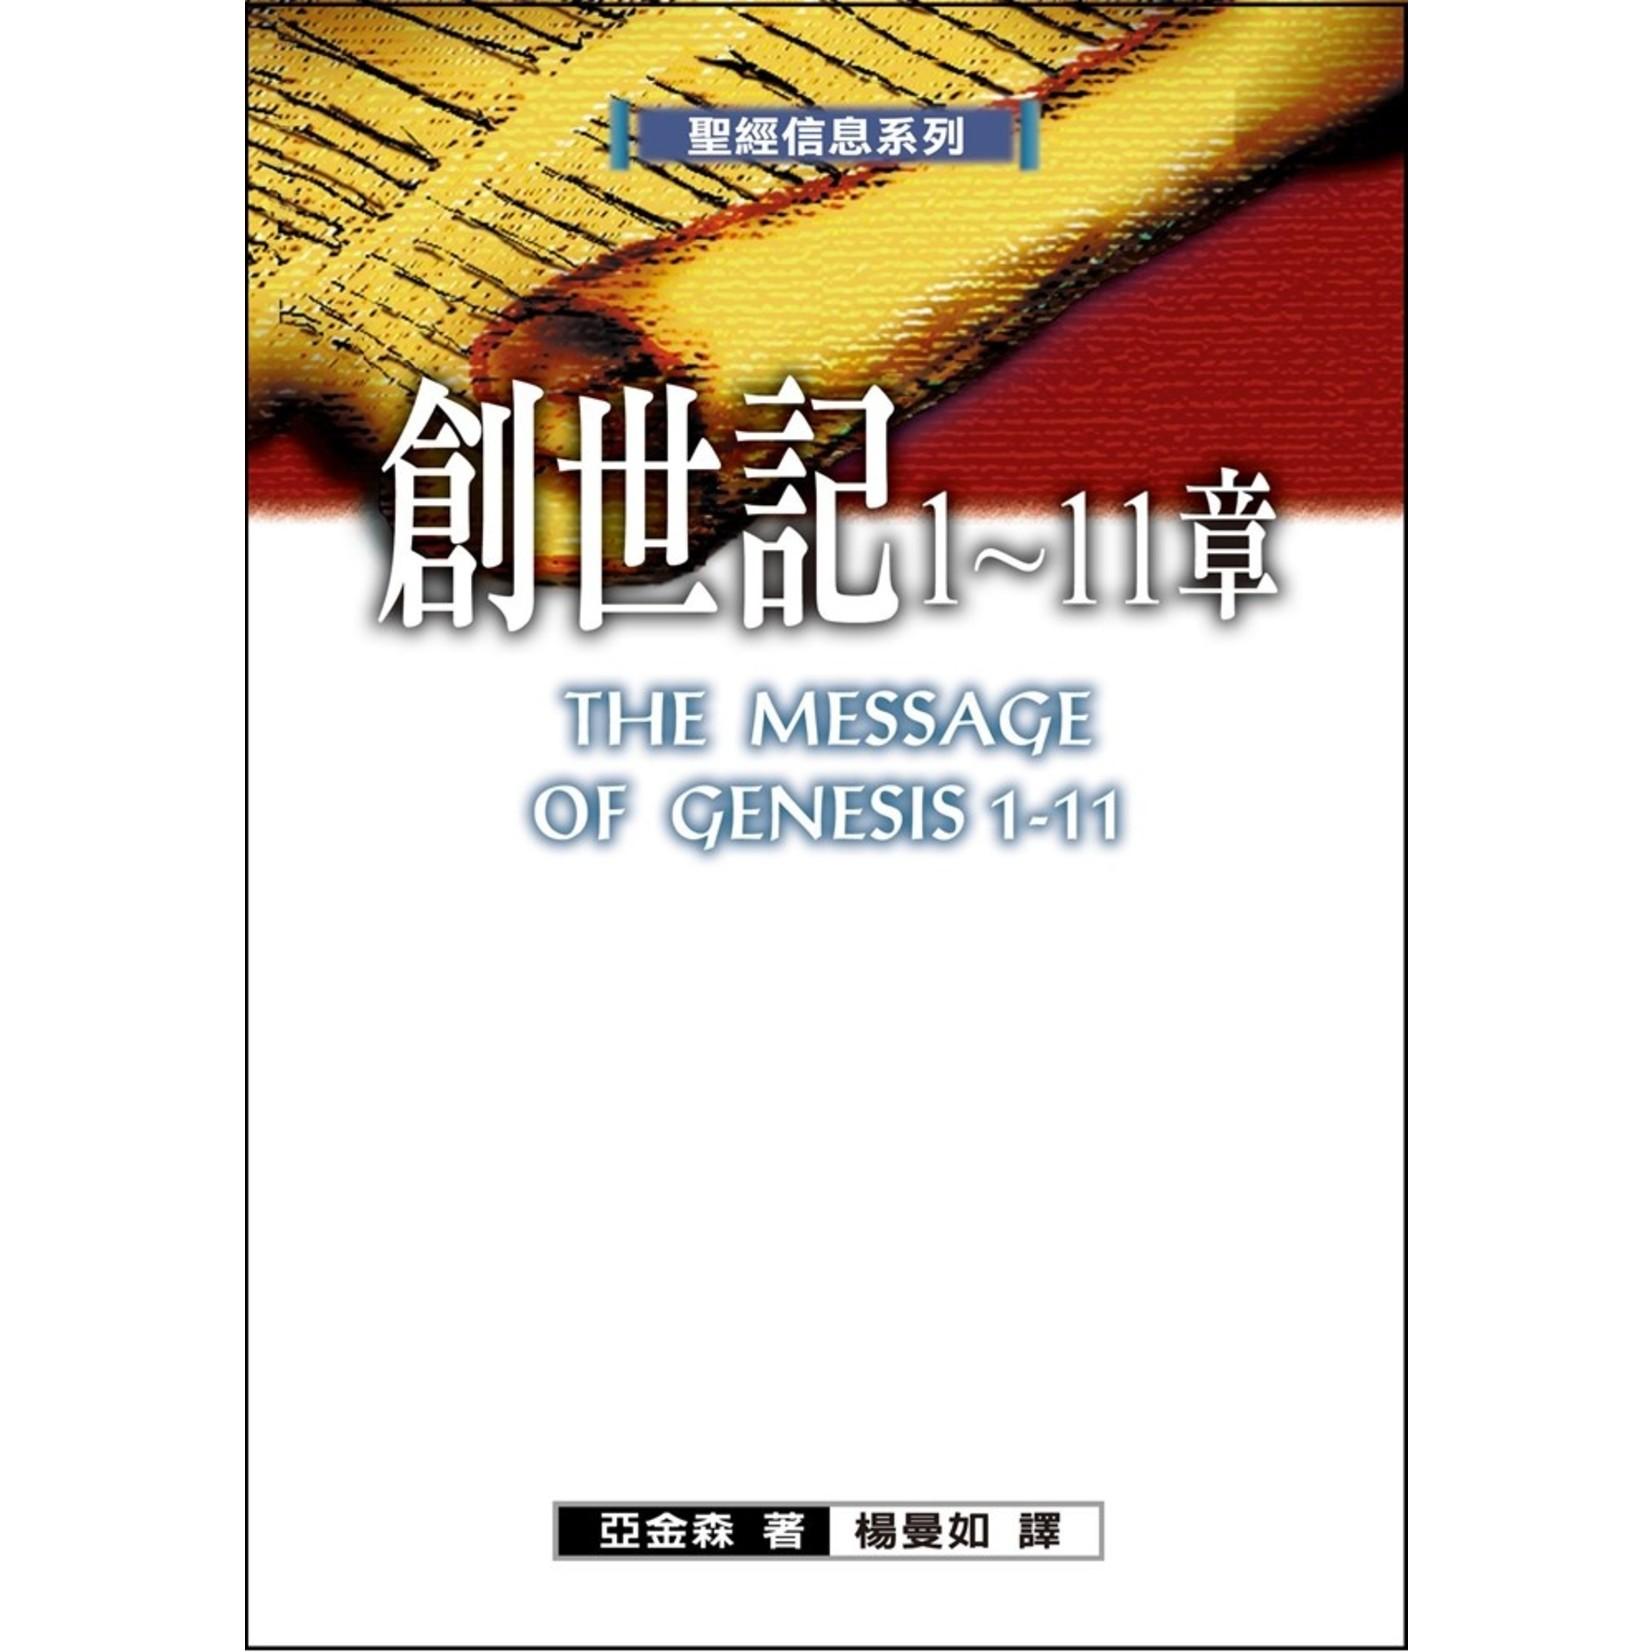 校園書房 Campus Books 聖經信息系列:創世記1-11章 The Message of Genesis 1-11: the Dawn of Creation